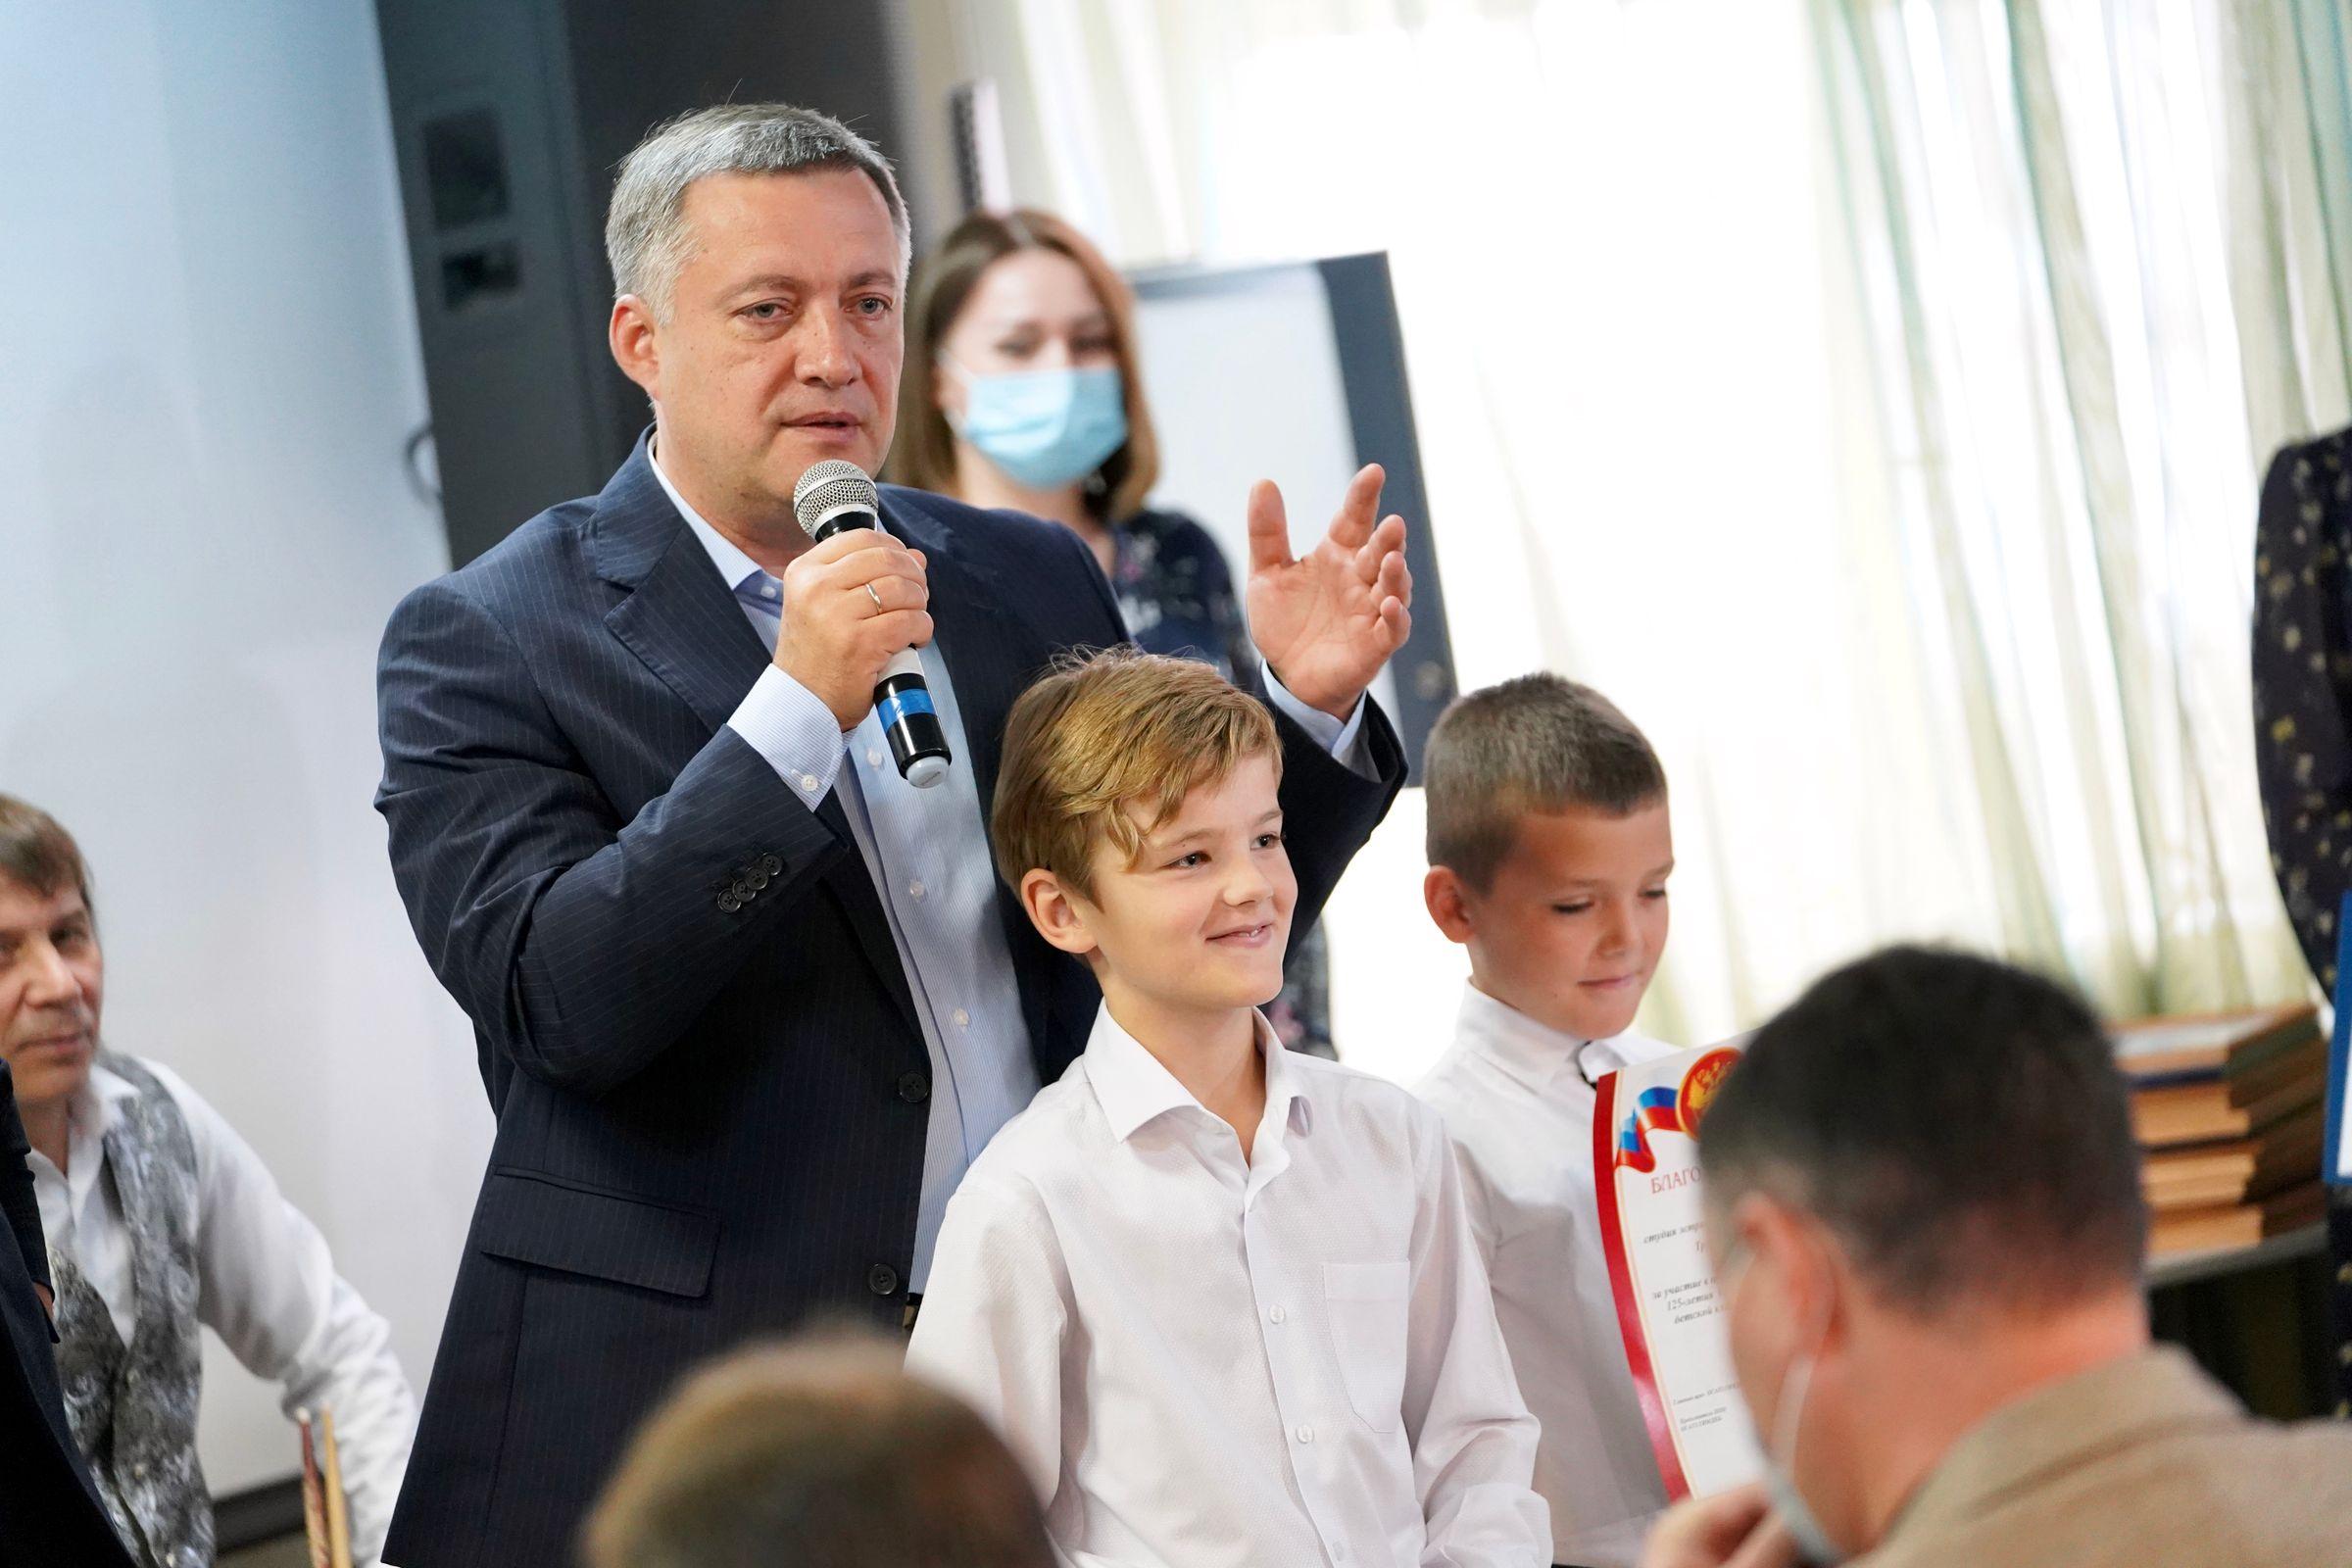 <p>Фото предоставлено Лайфу пресс-службой Правительства Иркутской области</p>